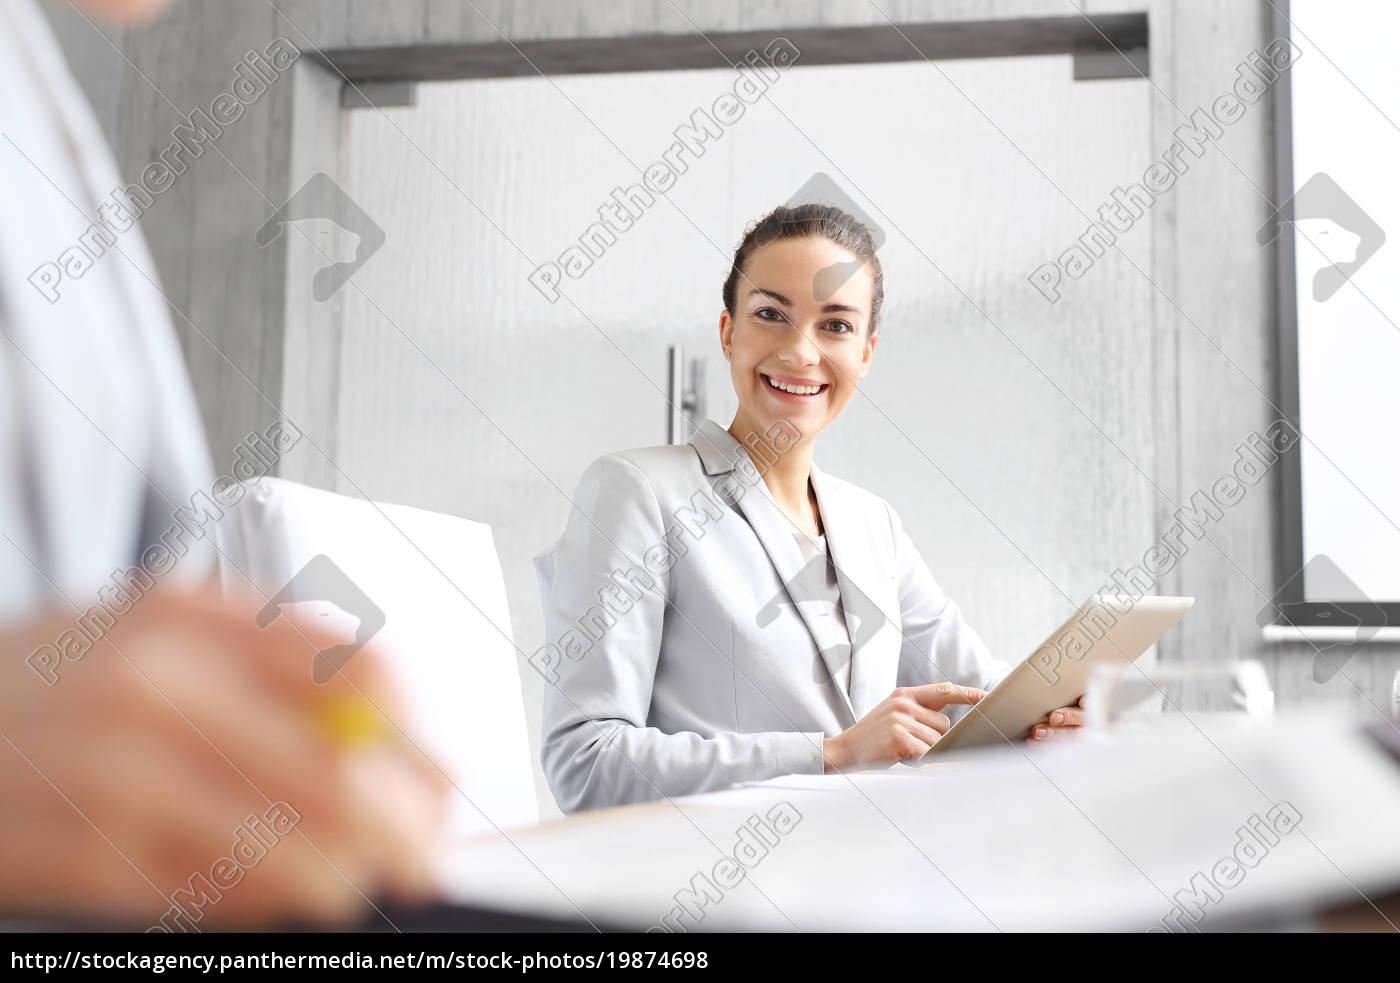 geschäftsfrau, im, büro., arbeiten, im, büro. - 19874698